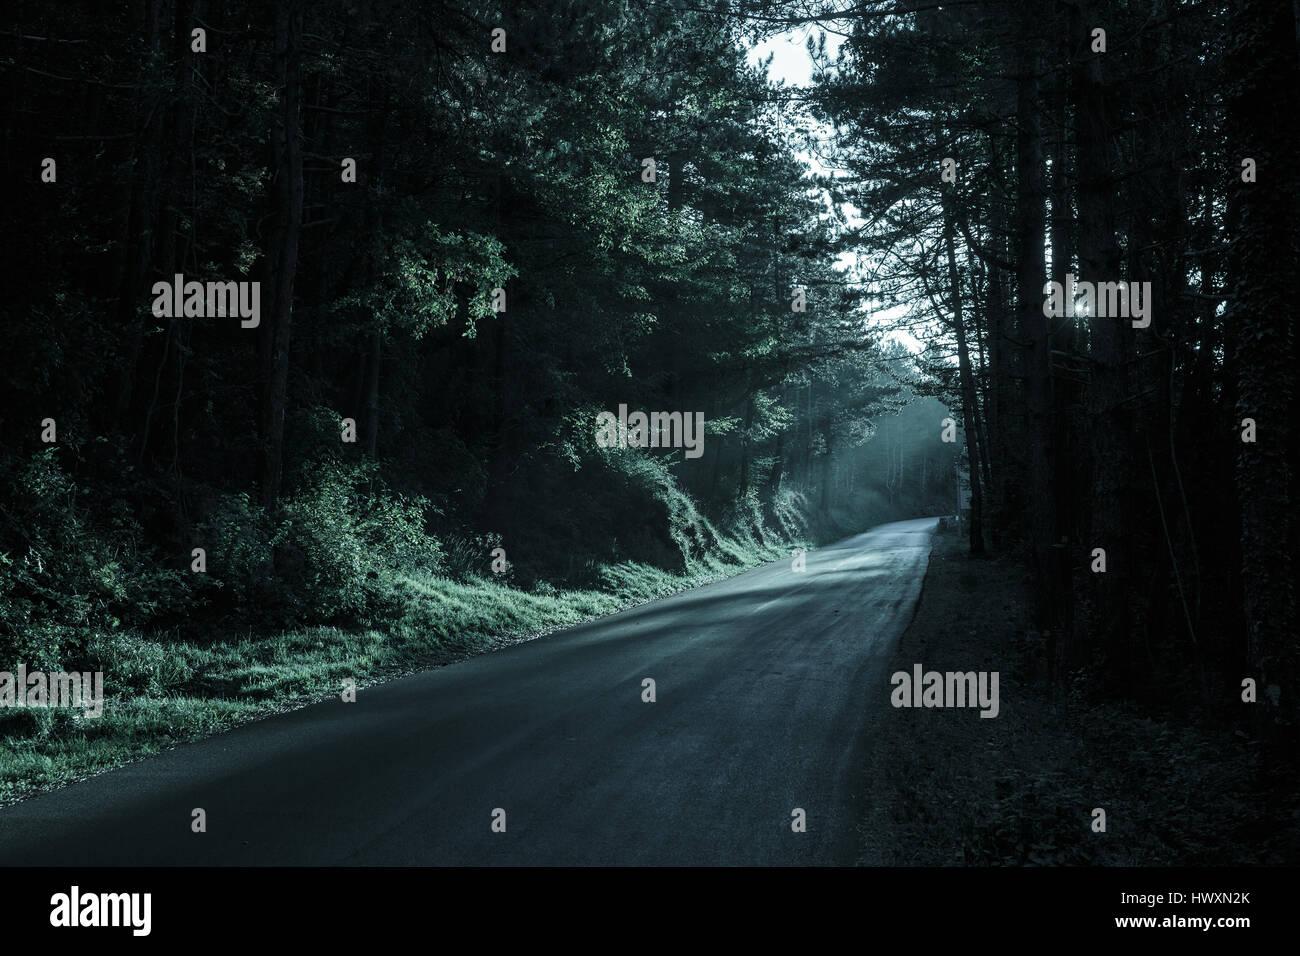 Spooky forêt sombre avec vide, en recul de la lumière. Arrière-plan émotionnel, gothique, concept Photo Stock